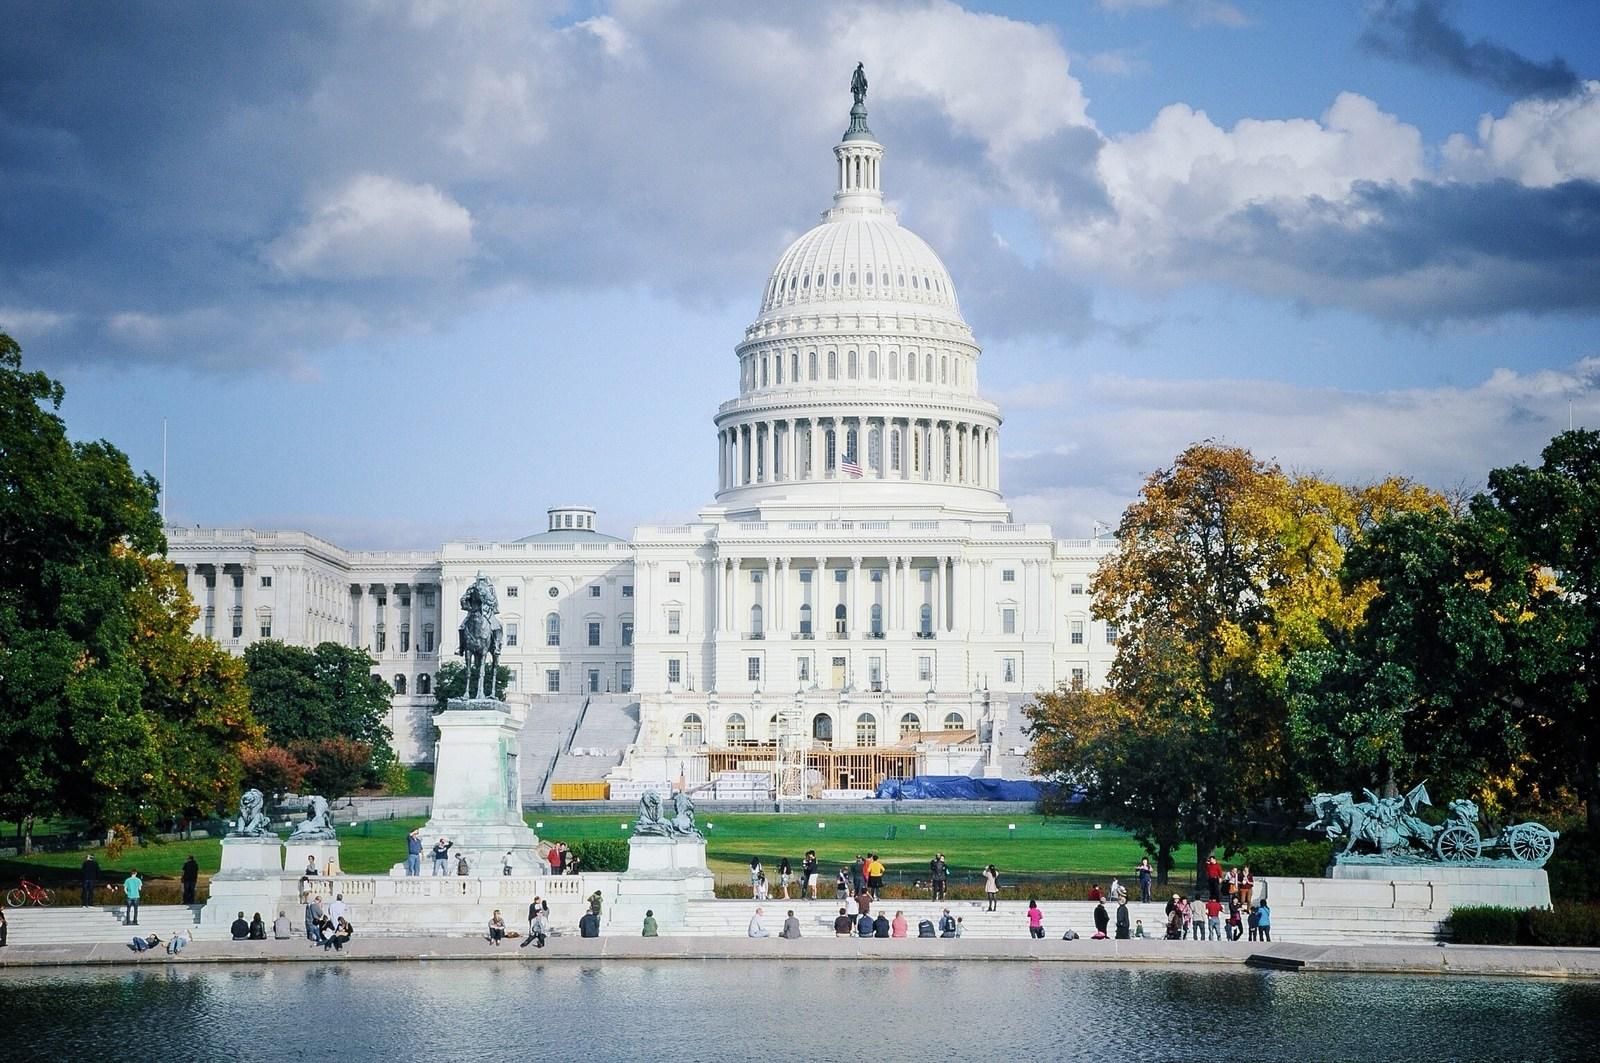 Les ambitions de Washington DC de s'alimenter à 100% en énergies renouvelables met en surchauffe les acteurs du solaire